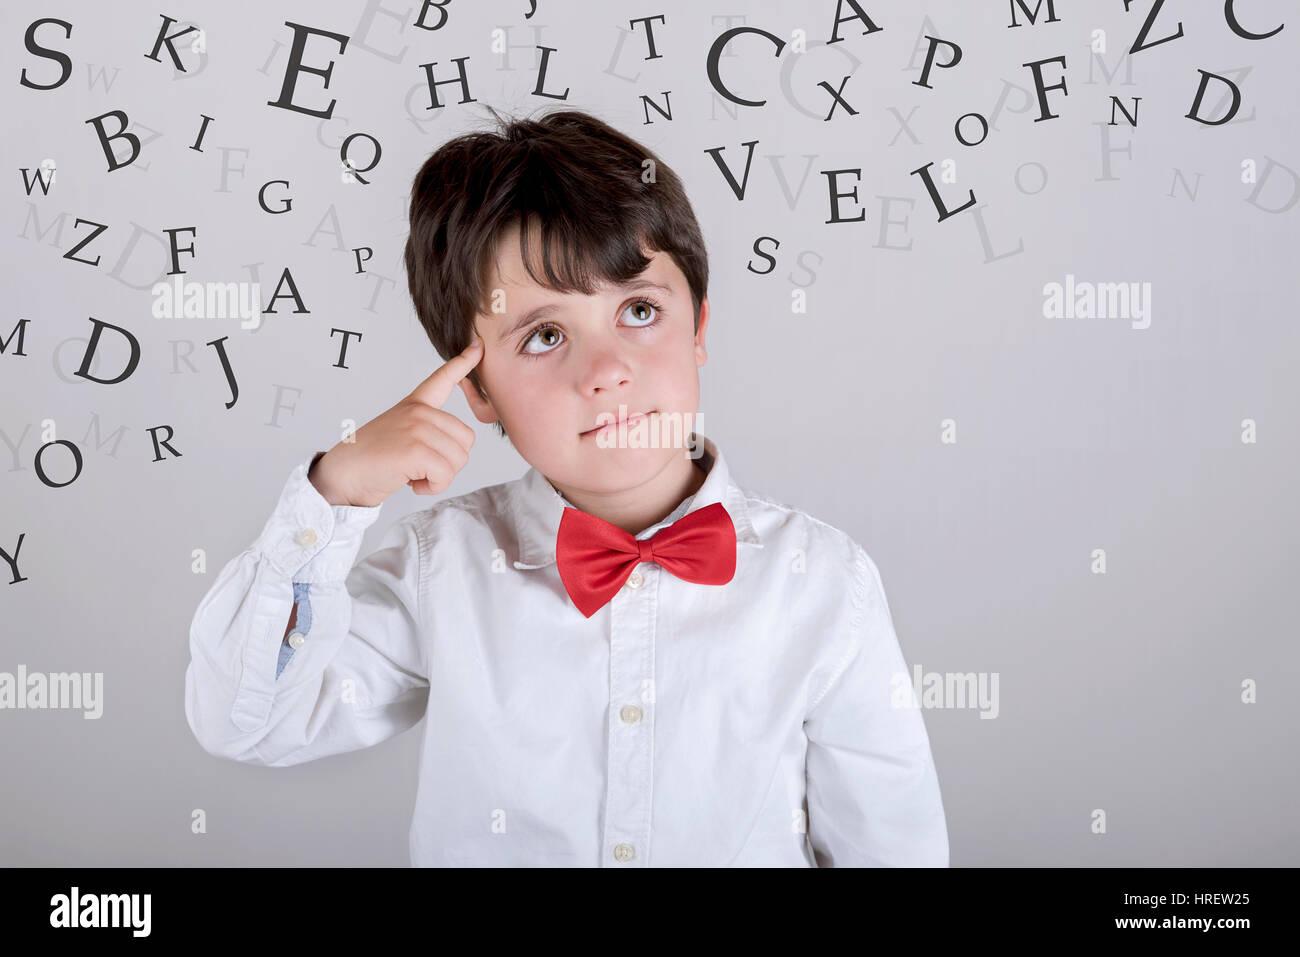 Alfabeto. Imagen compuesta de reflexivas boy Imagen De Stock